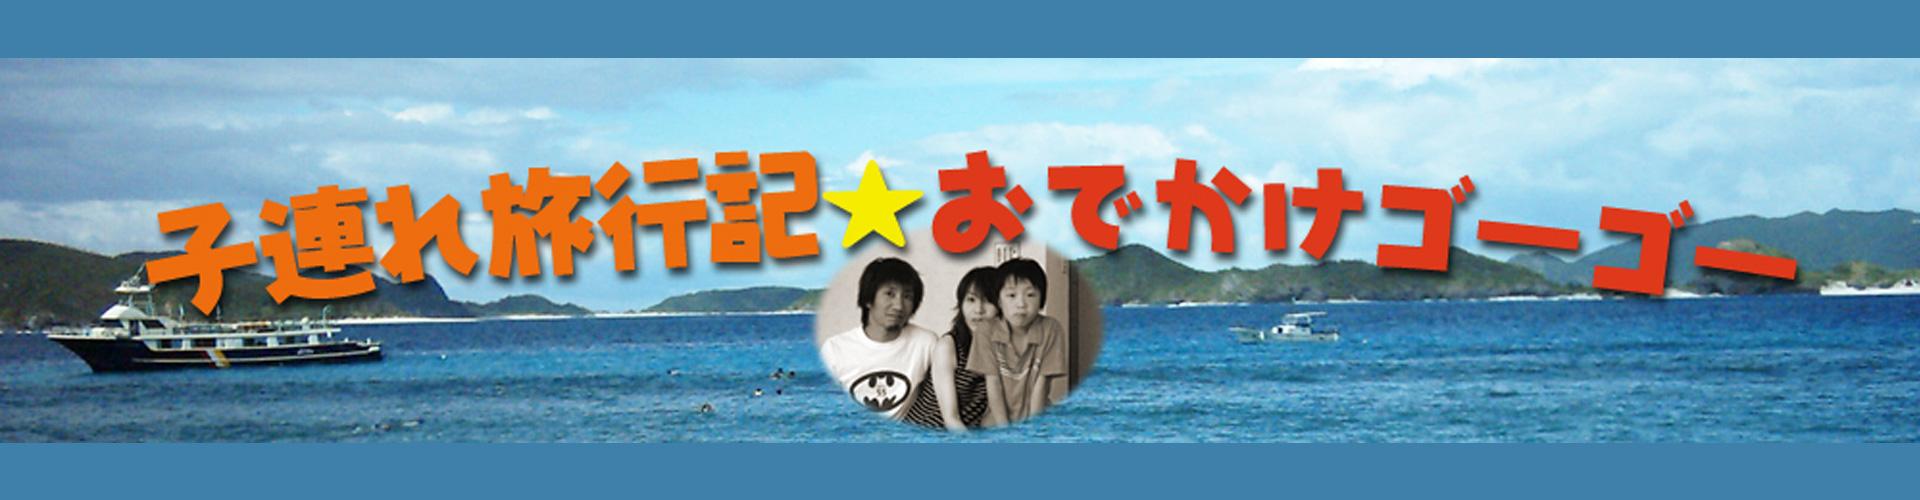 家族旅行 沖縄